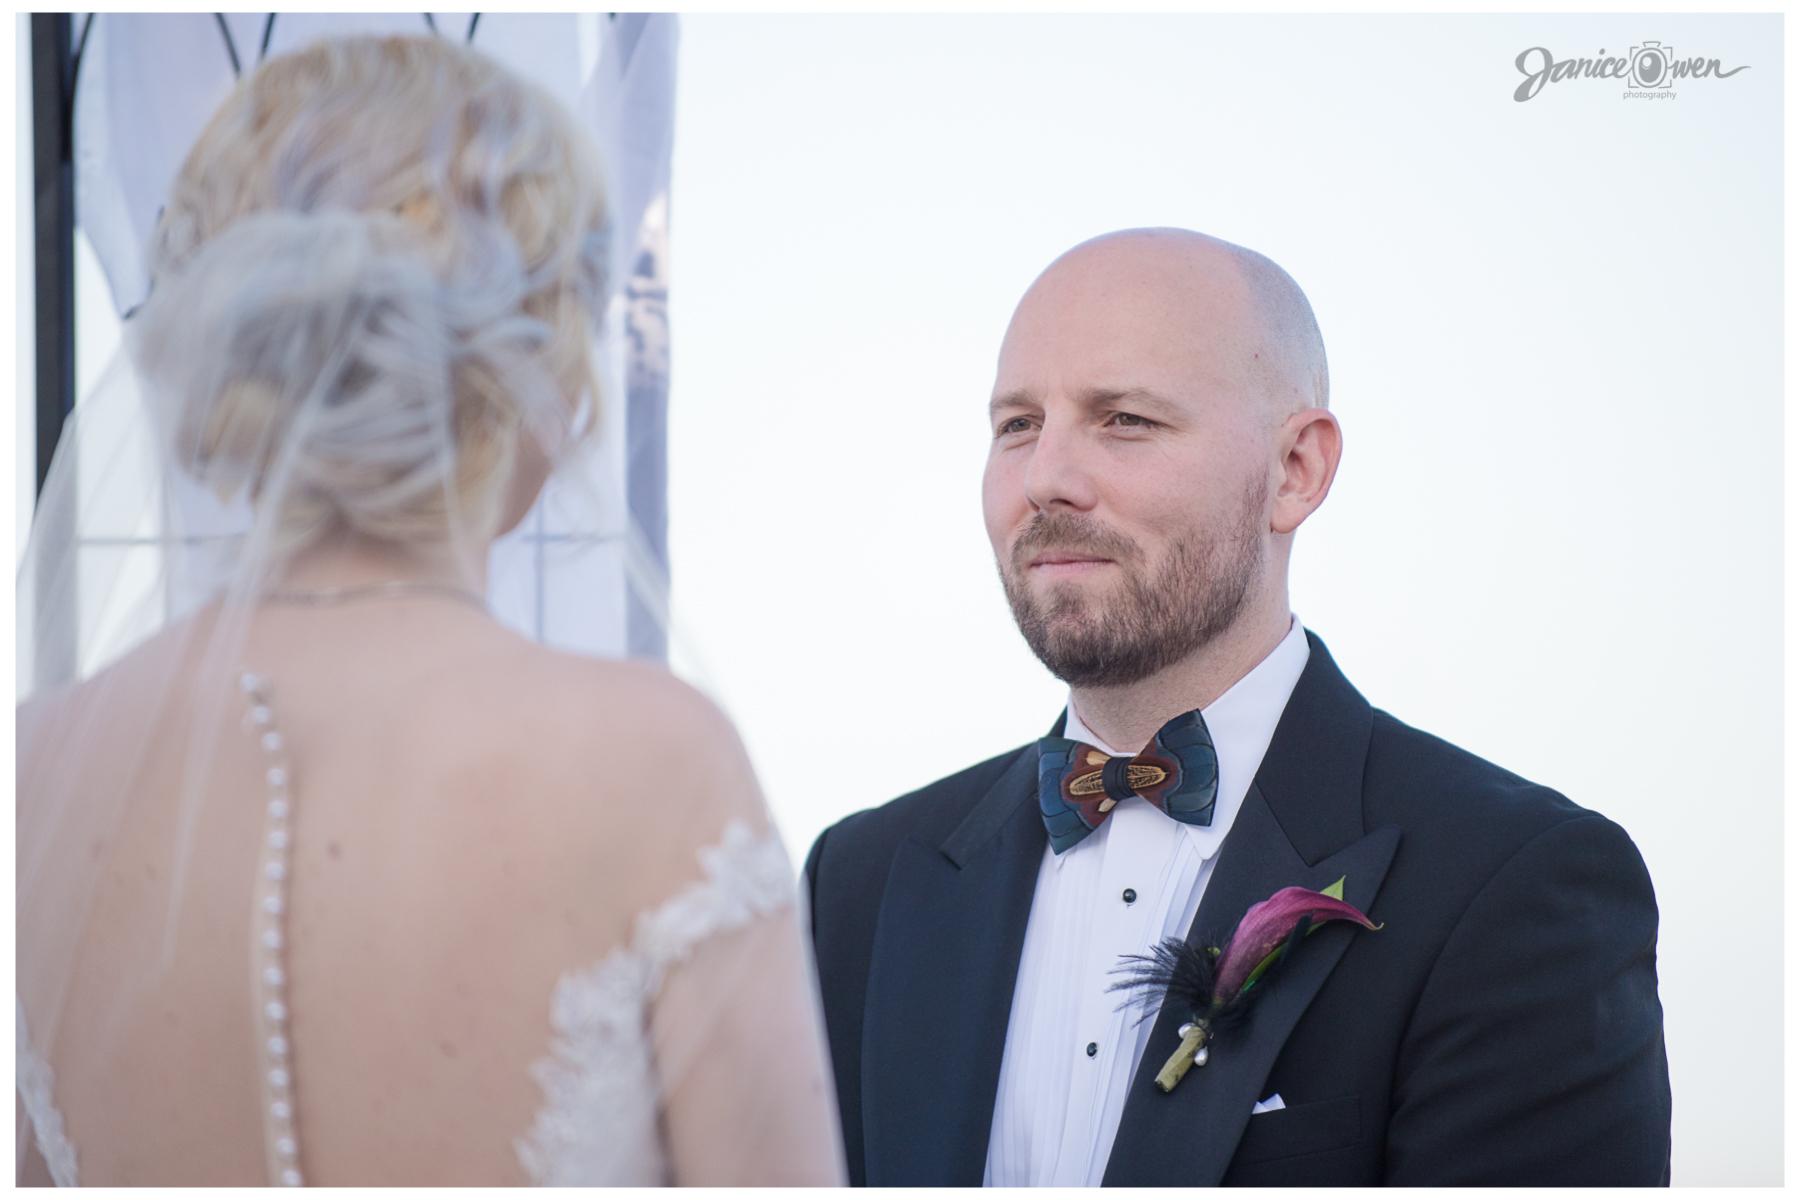 janiceowenphotography_wedding35.jpg